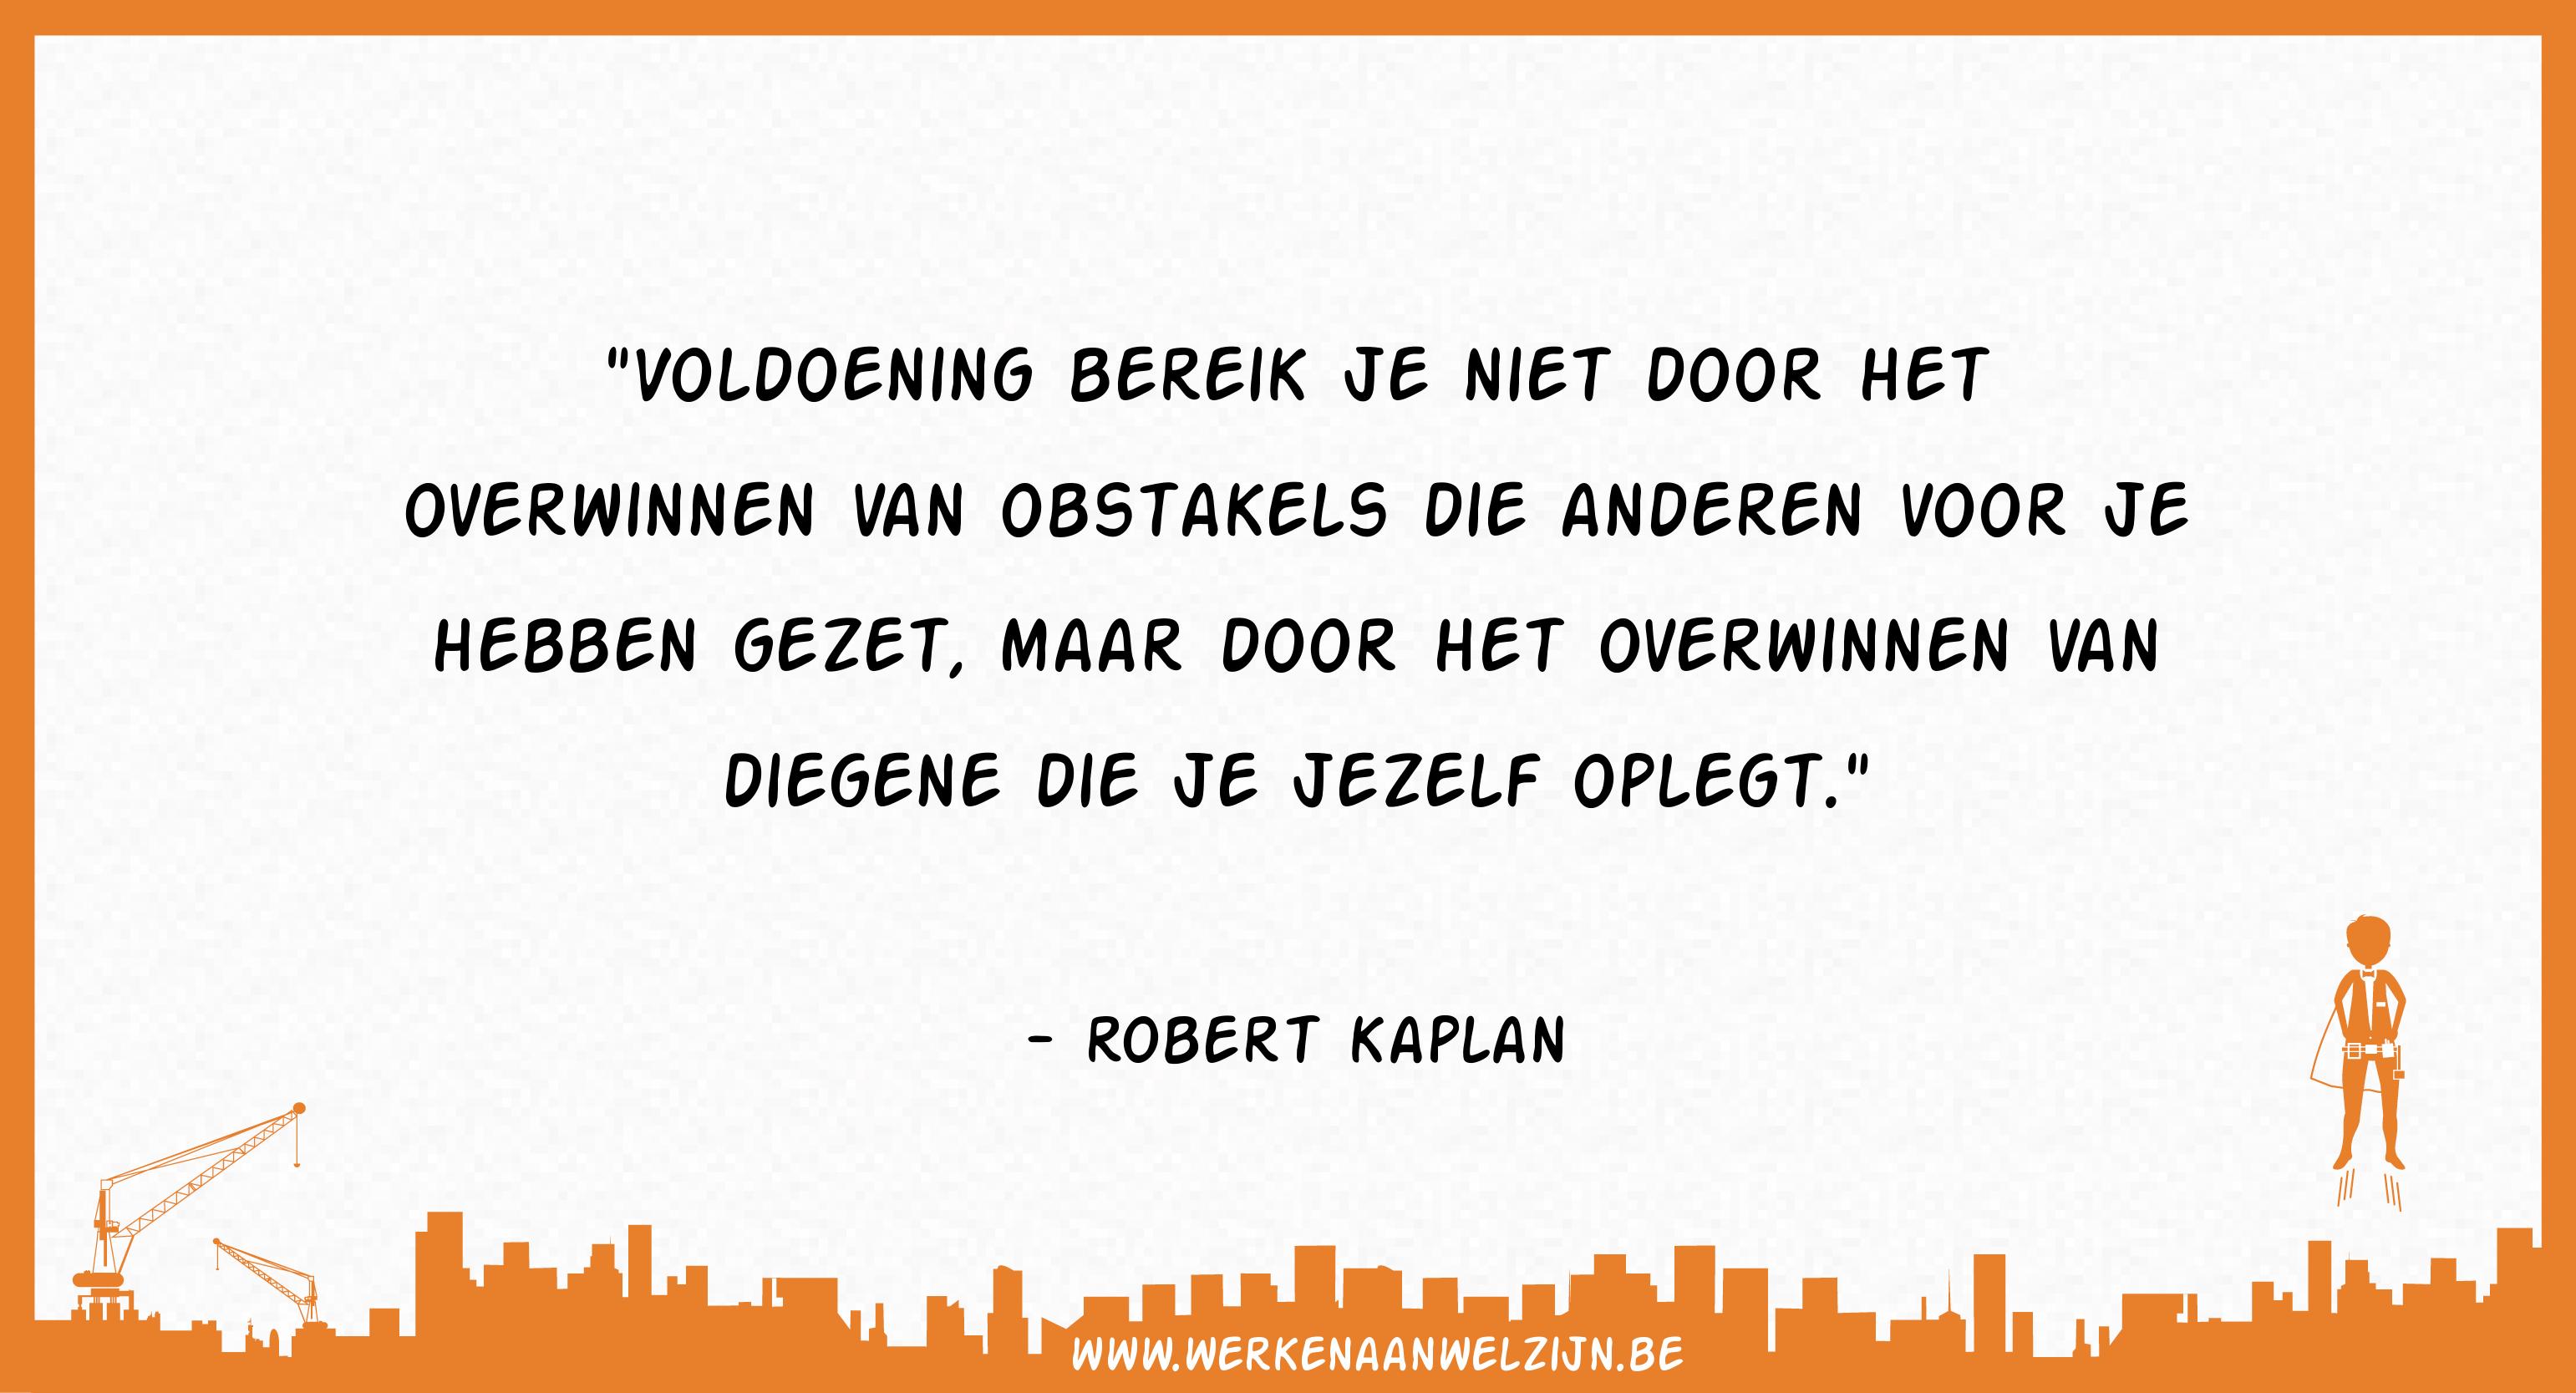 Voldoening bereik je niet door het overwinnen van obstakels die anderen voor je hebben gezet, maar door het overwinnen van diegene die je jezelf oplegt. (Robert Kaplan)